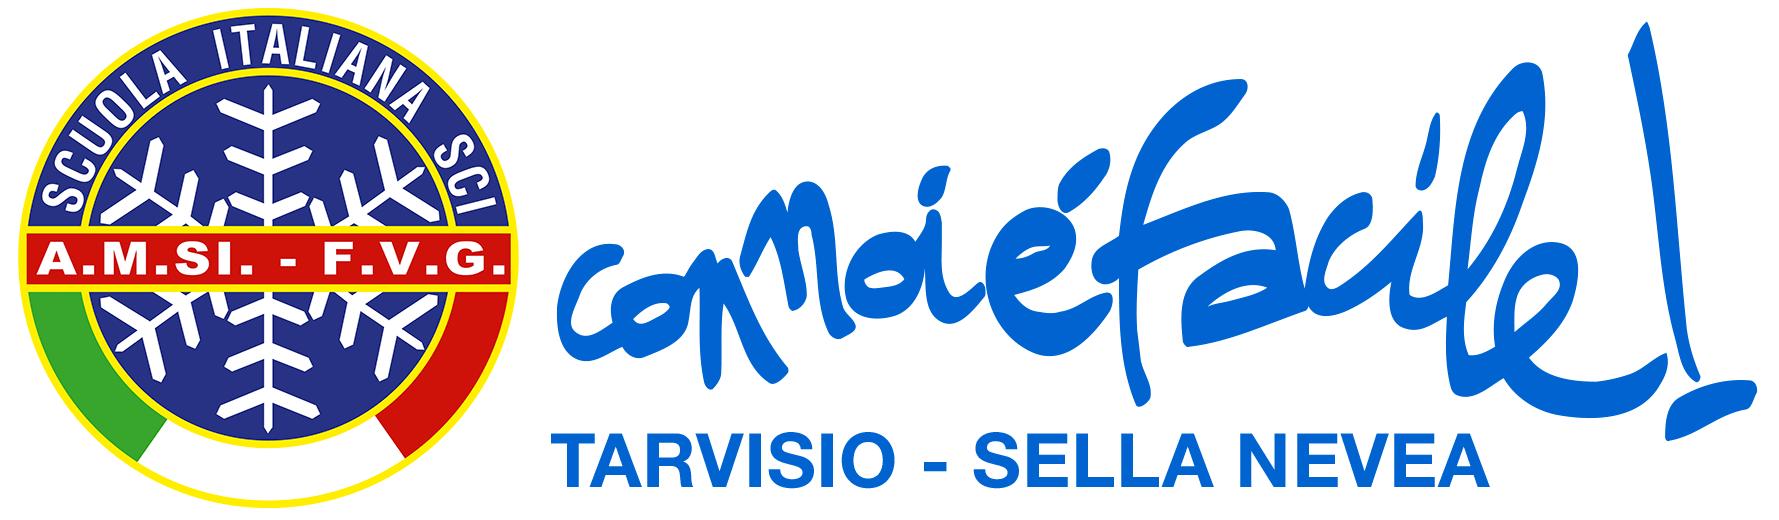 logo -Maestri - Scuola Italiana Sci e Snowboard Tarvisio - Sella Nevea